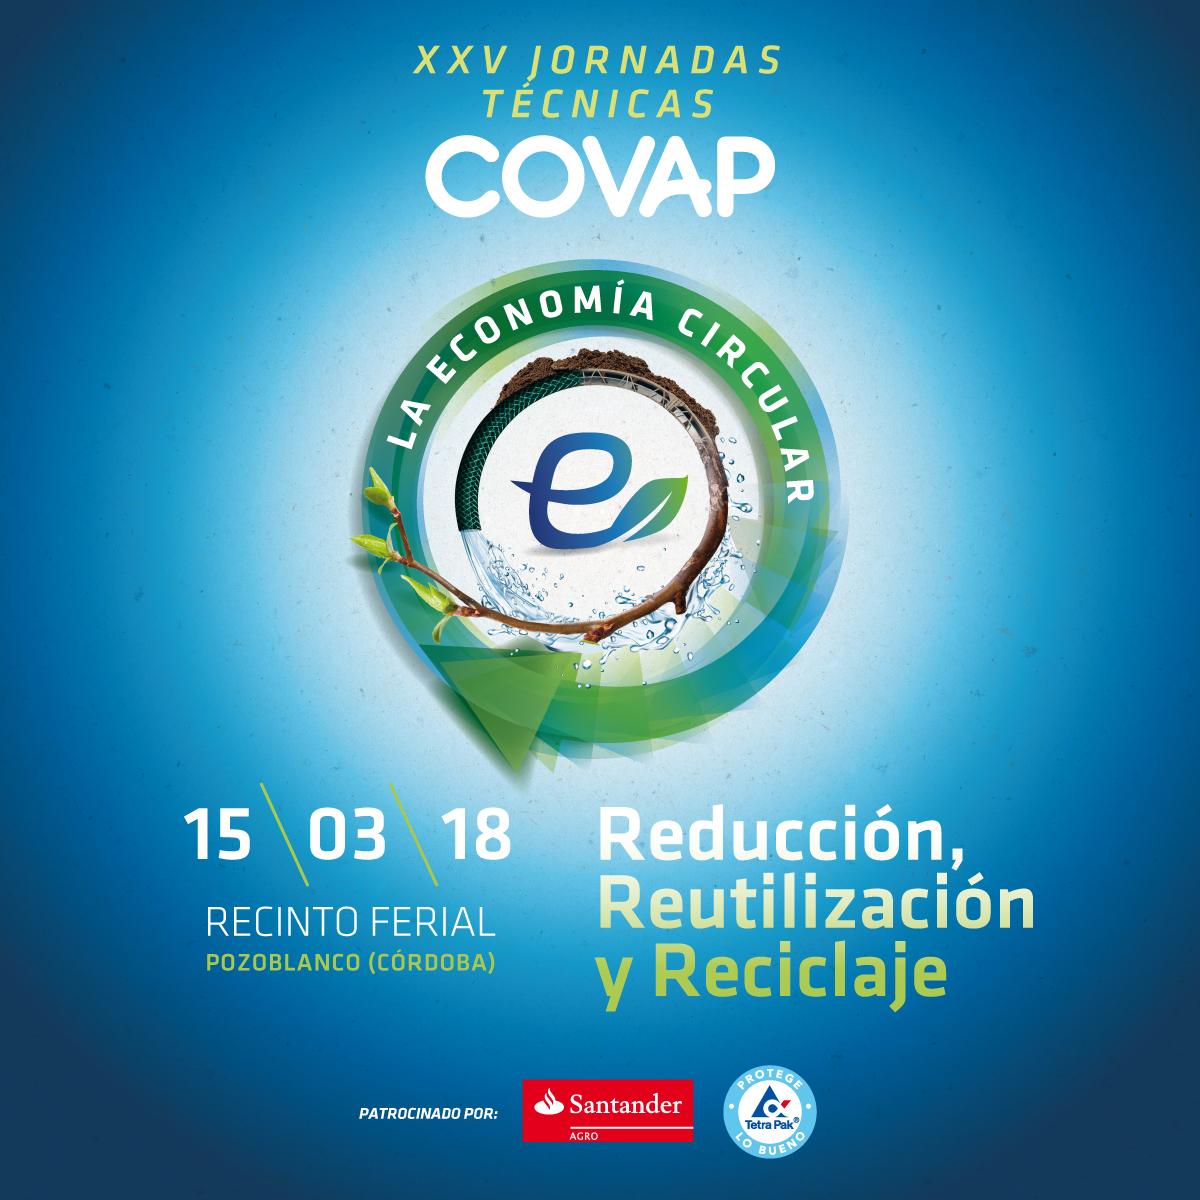 XXV edición de las Jornadas Técnicas de COVAP